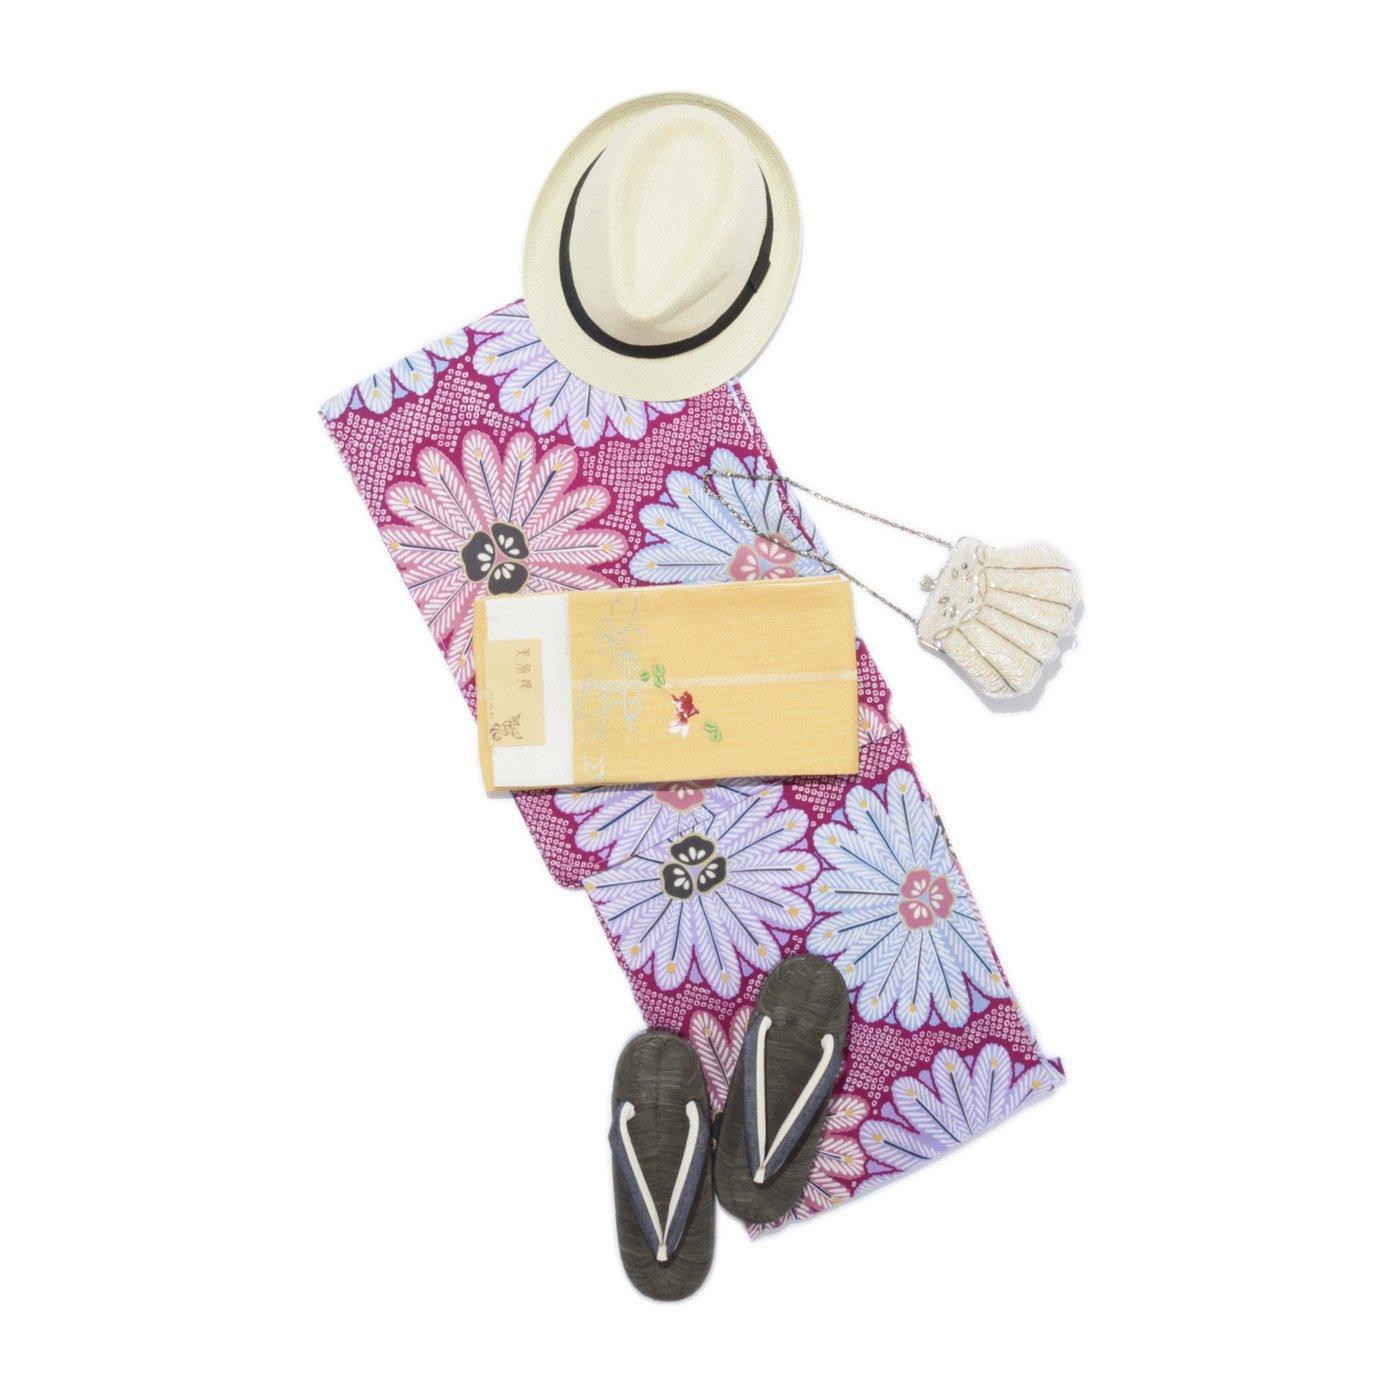 「きもの道楽 セオα 松葉」の商品画像